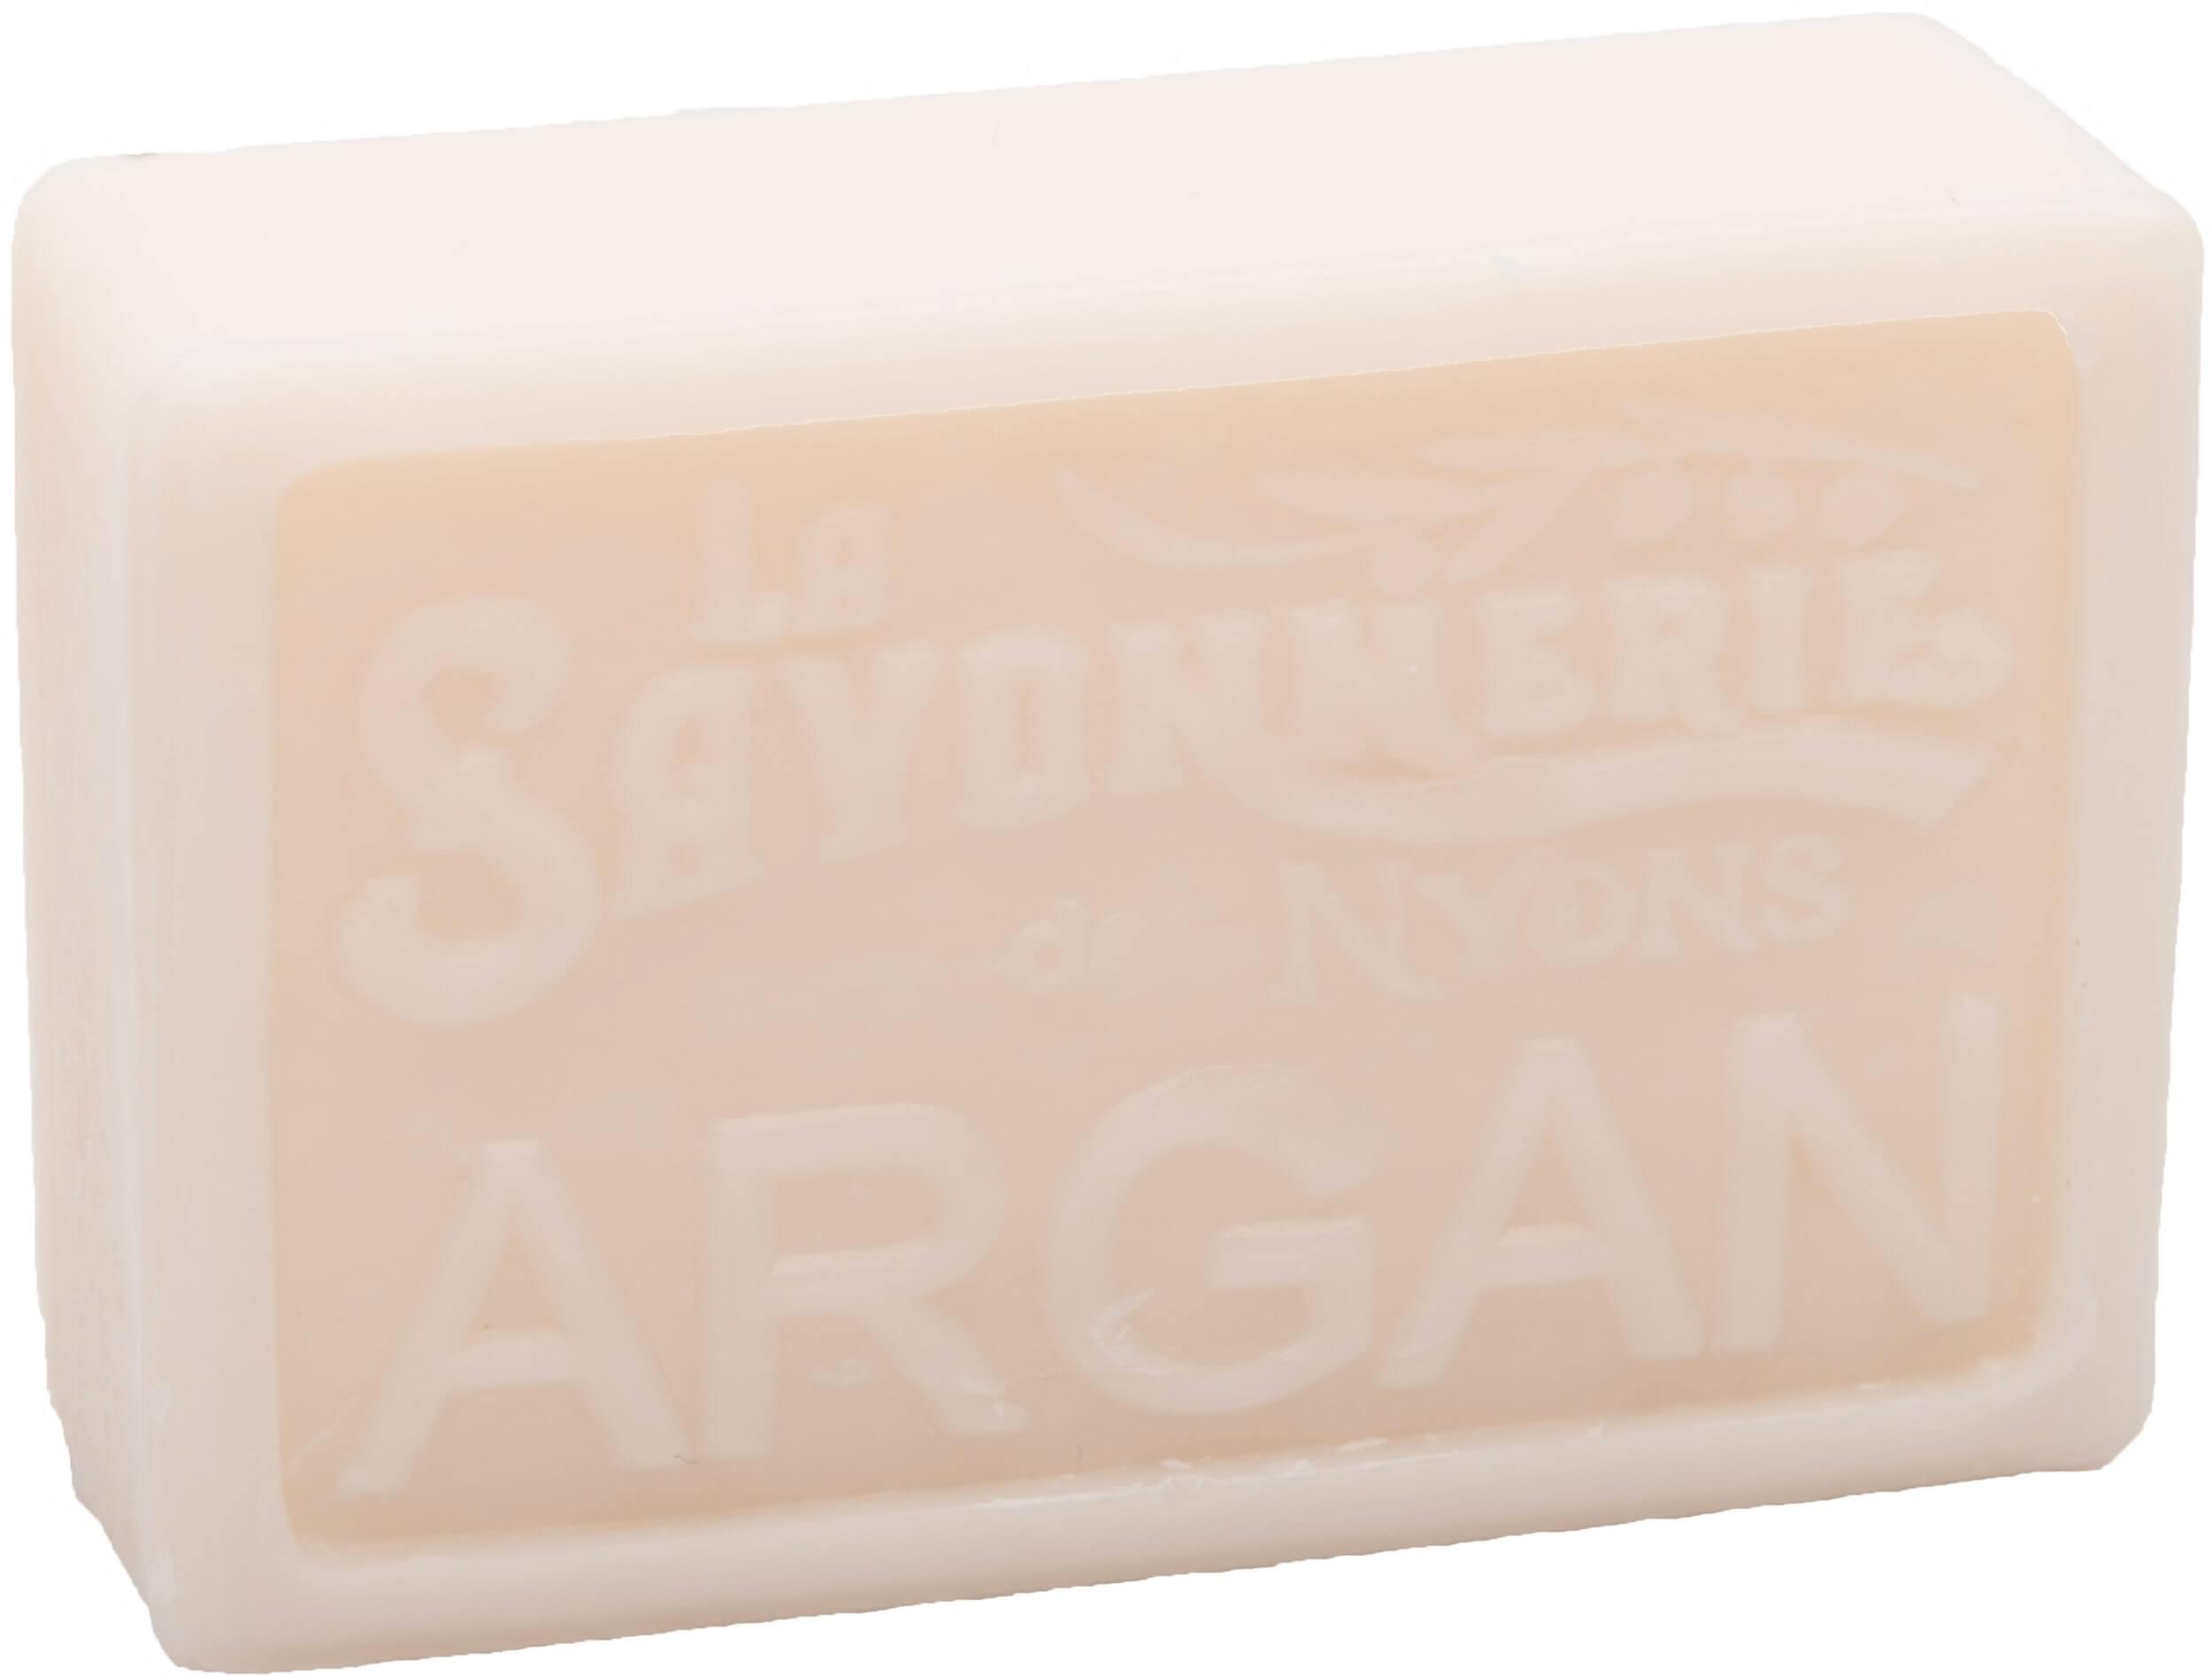 Seifen 100g - Arganöl